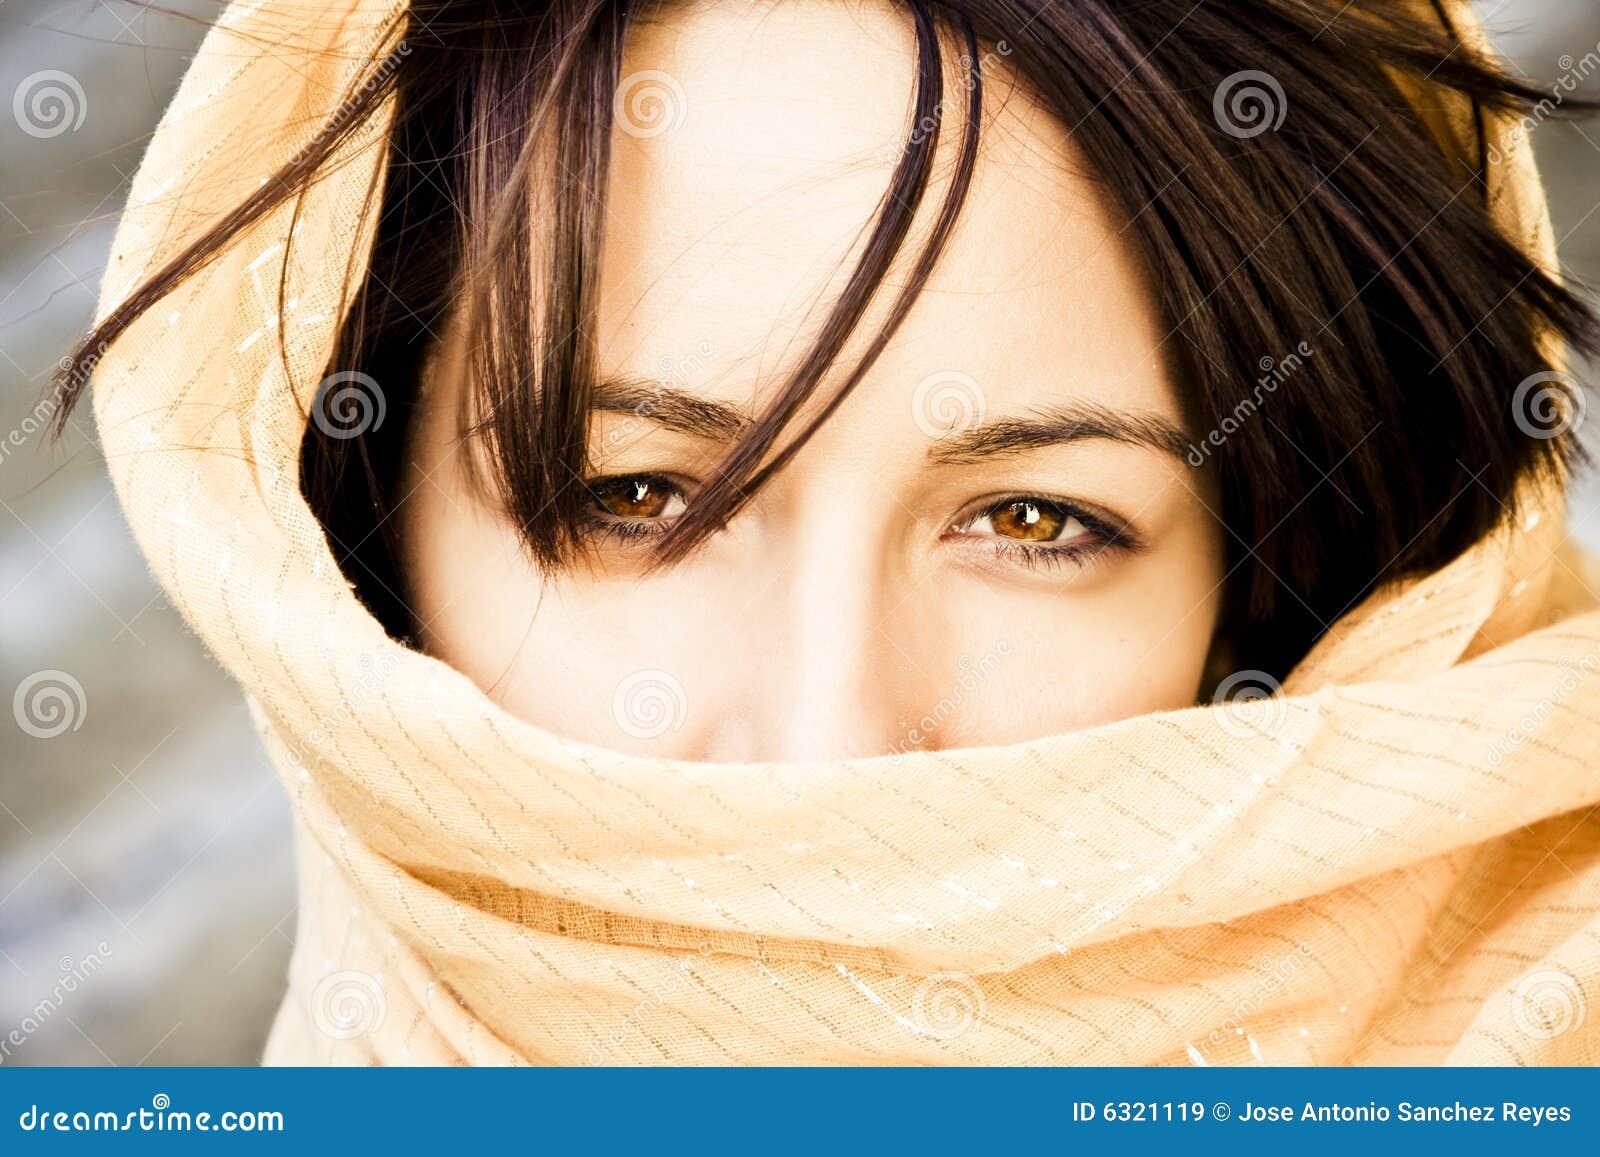 Русские зрелую женщину 10 фотография